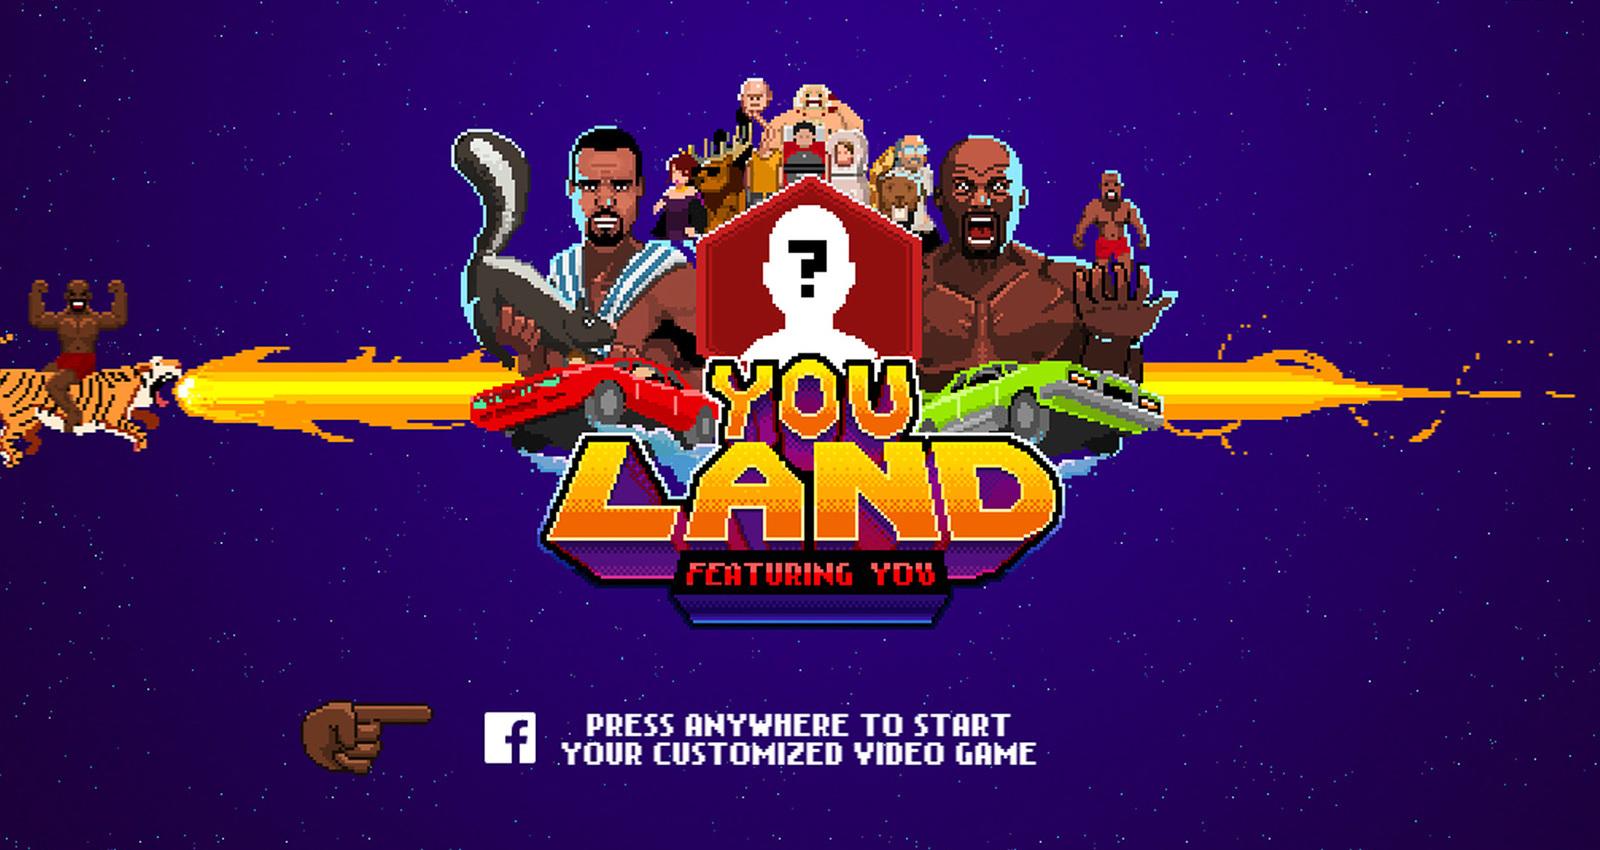 Youland